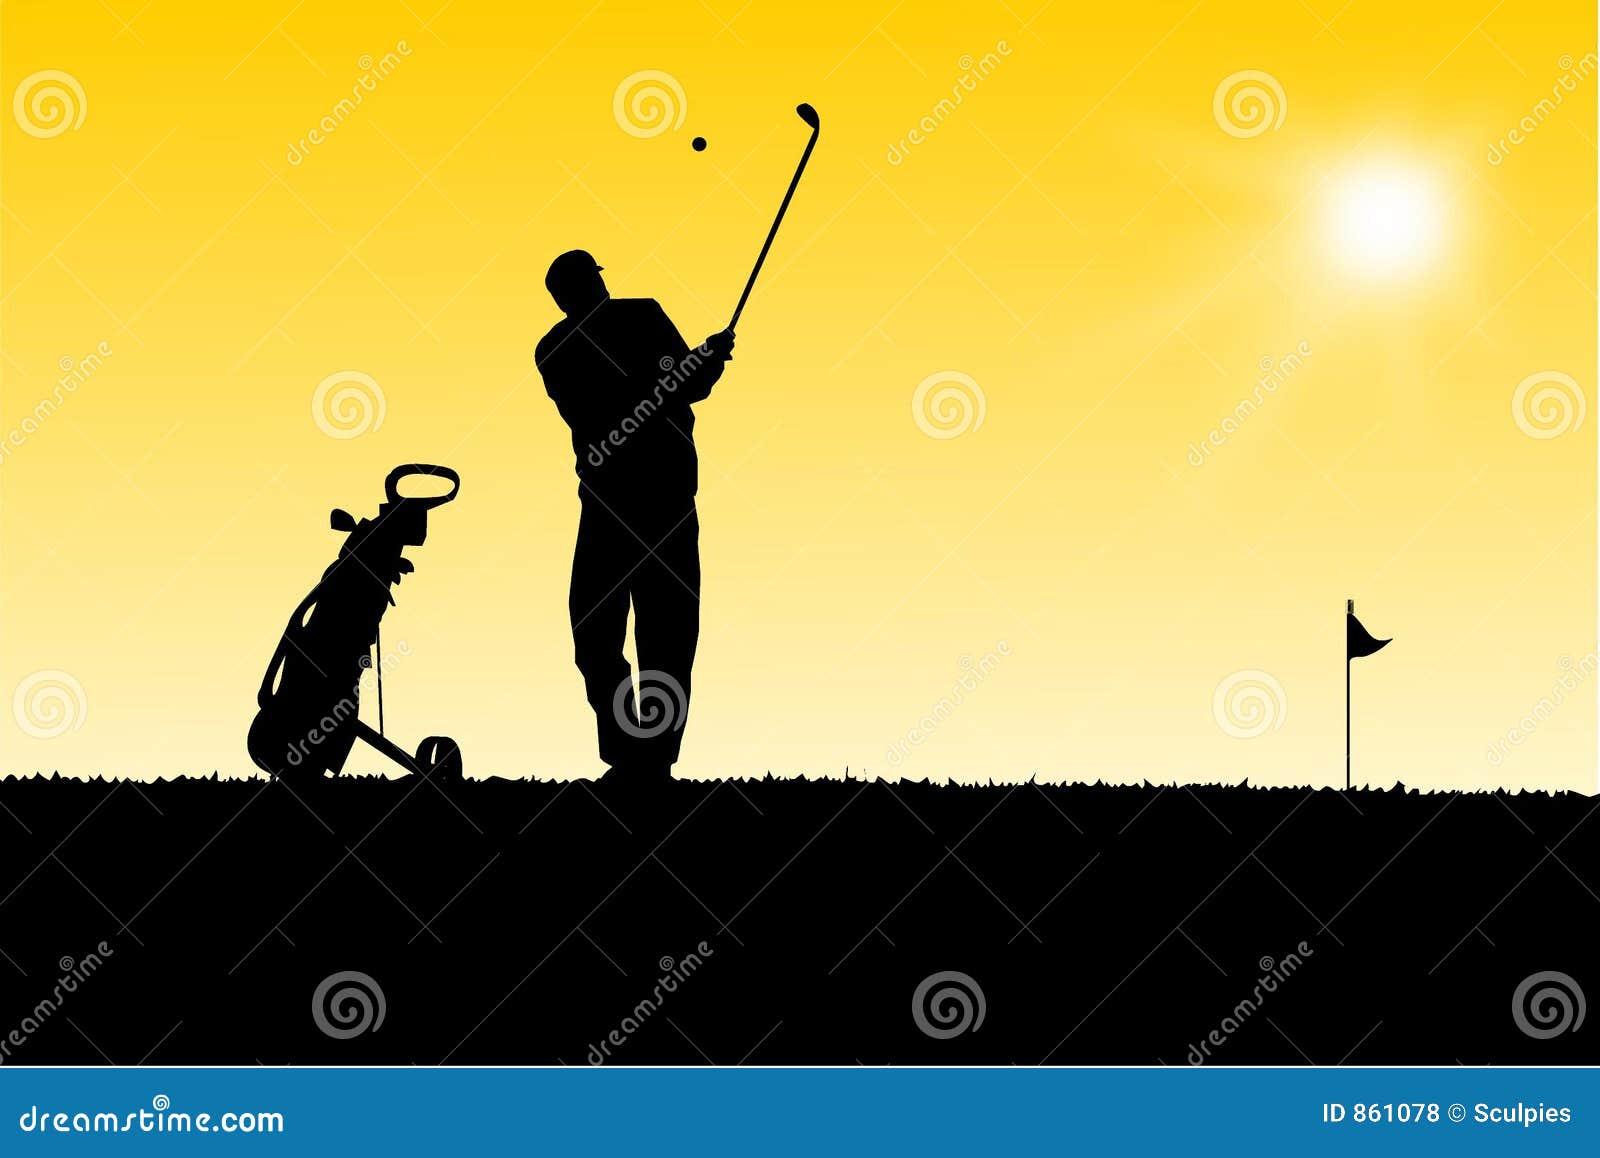 Golftrolley παικτών γκολφ κίτρινο